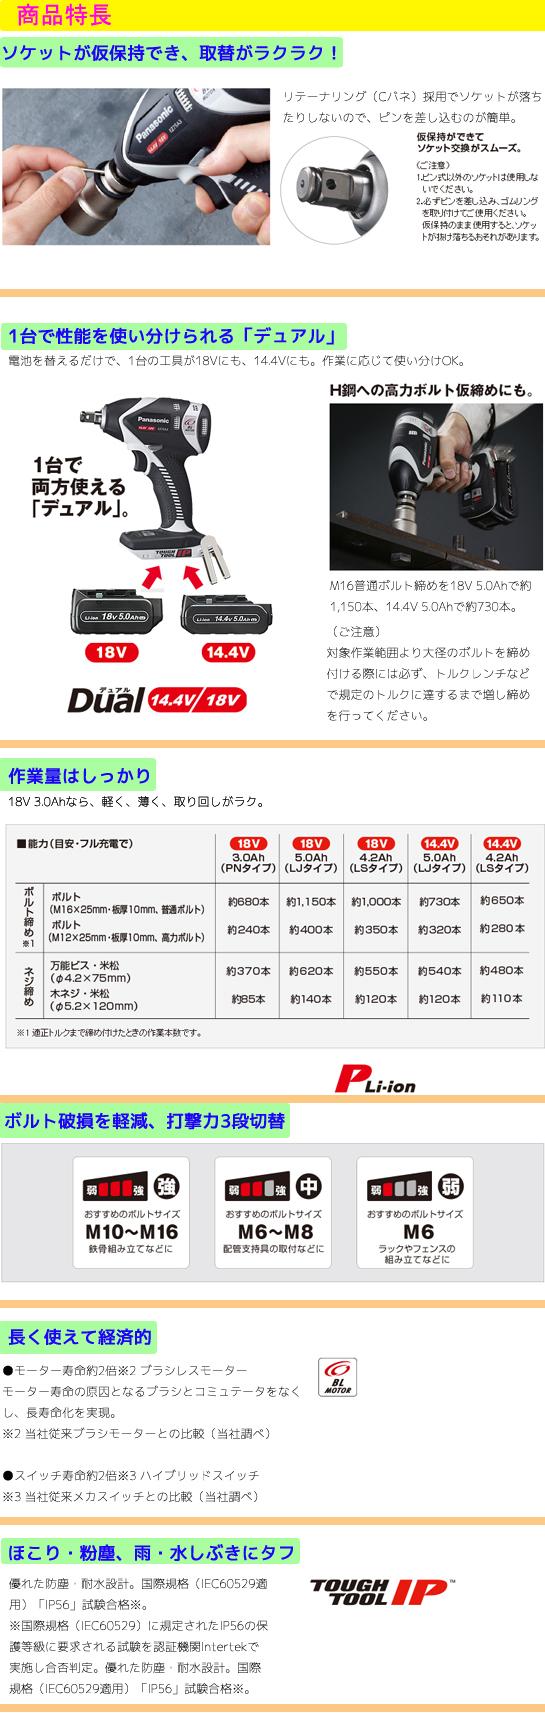 パナソニック 充電インパクトレンチ EZ75A3